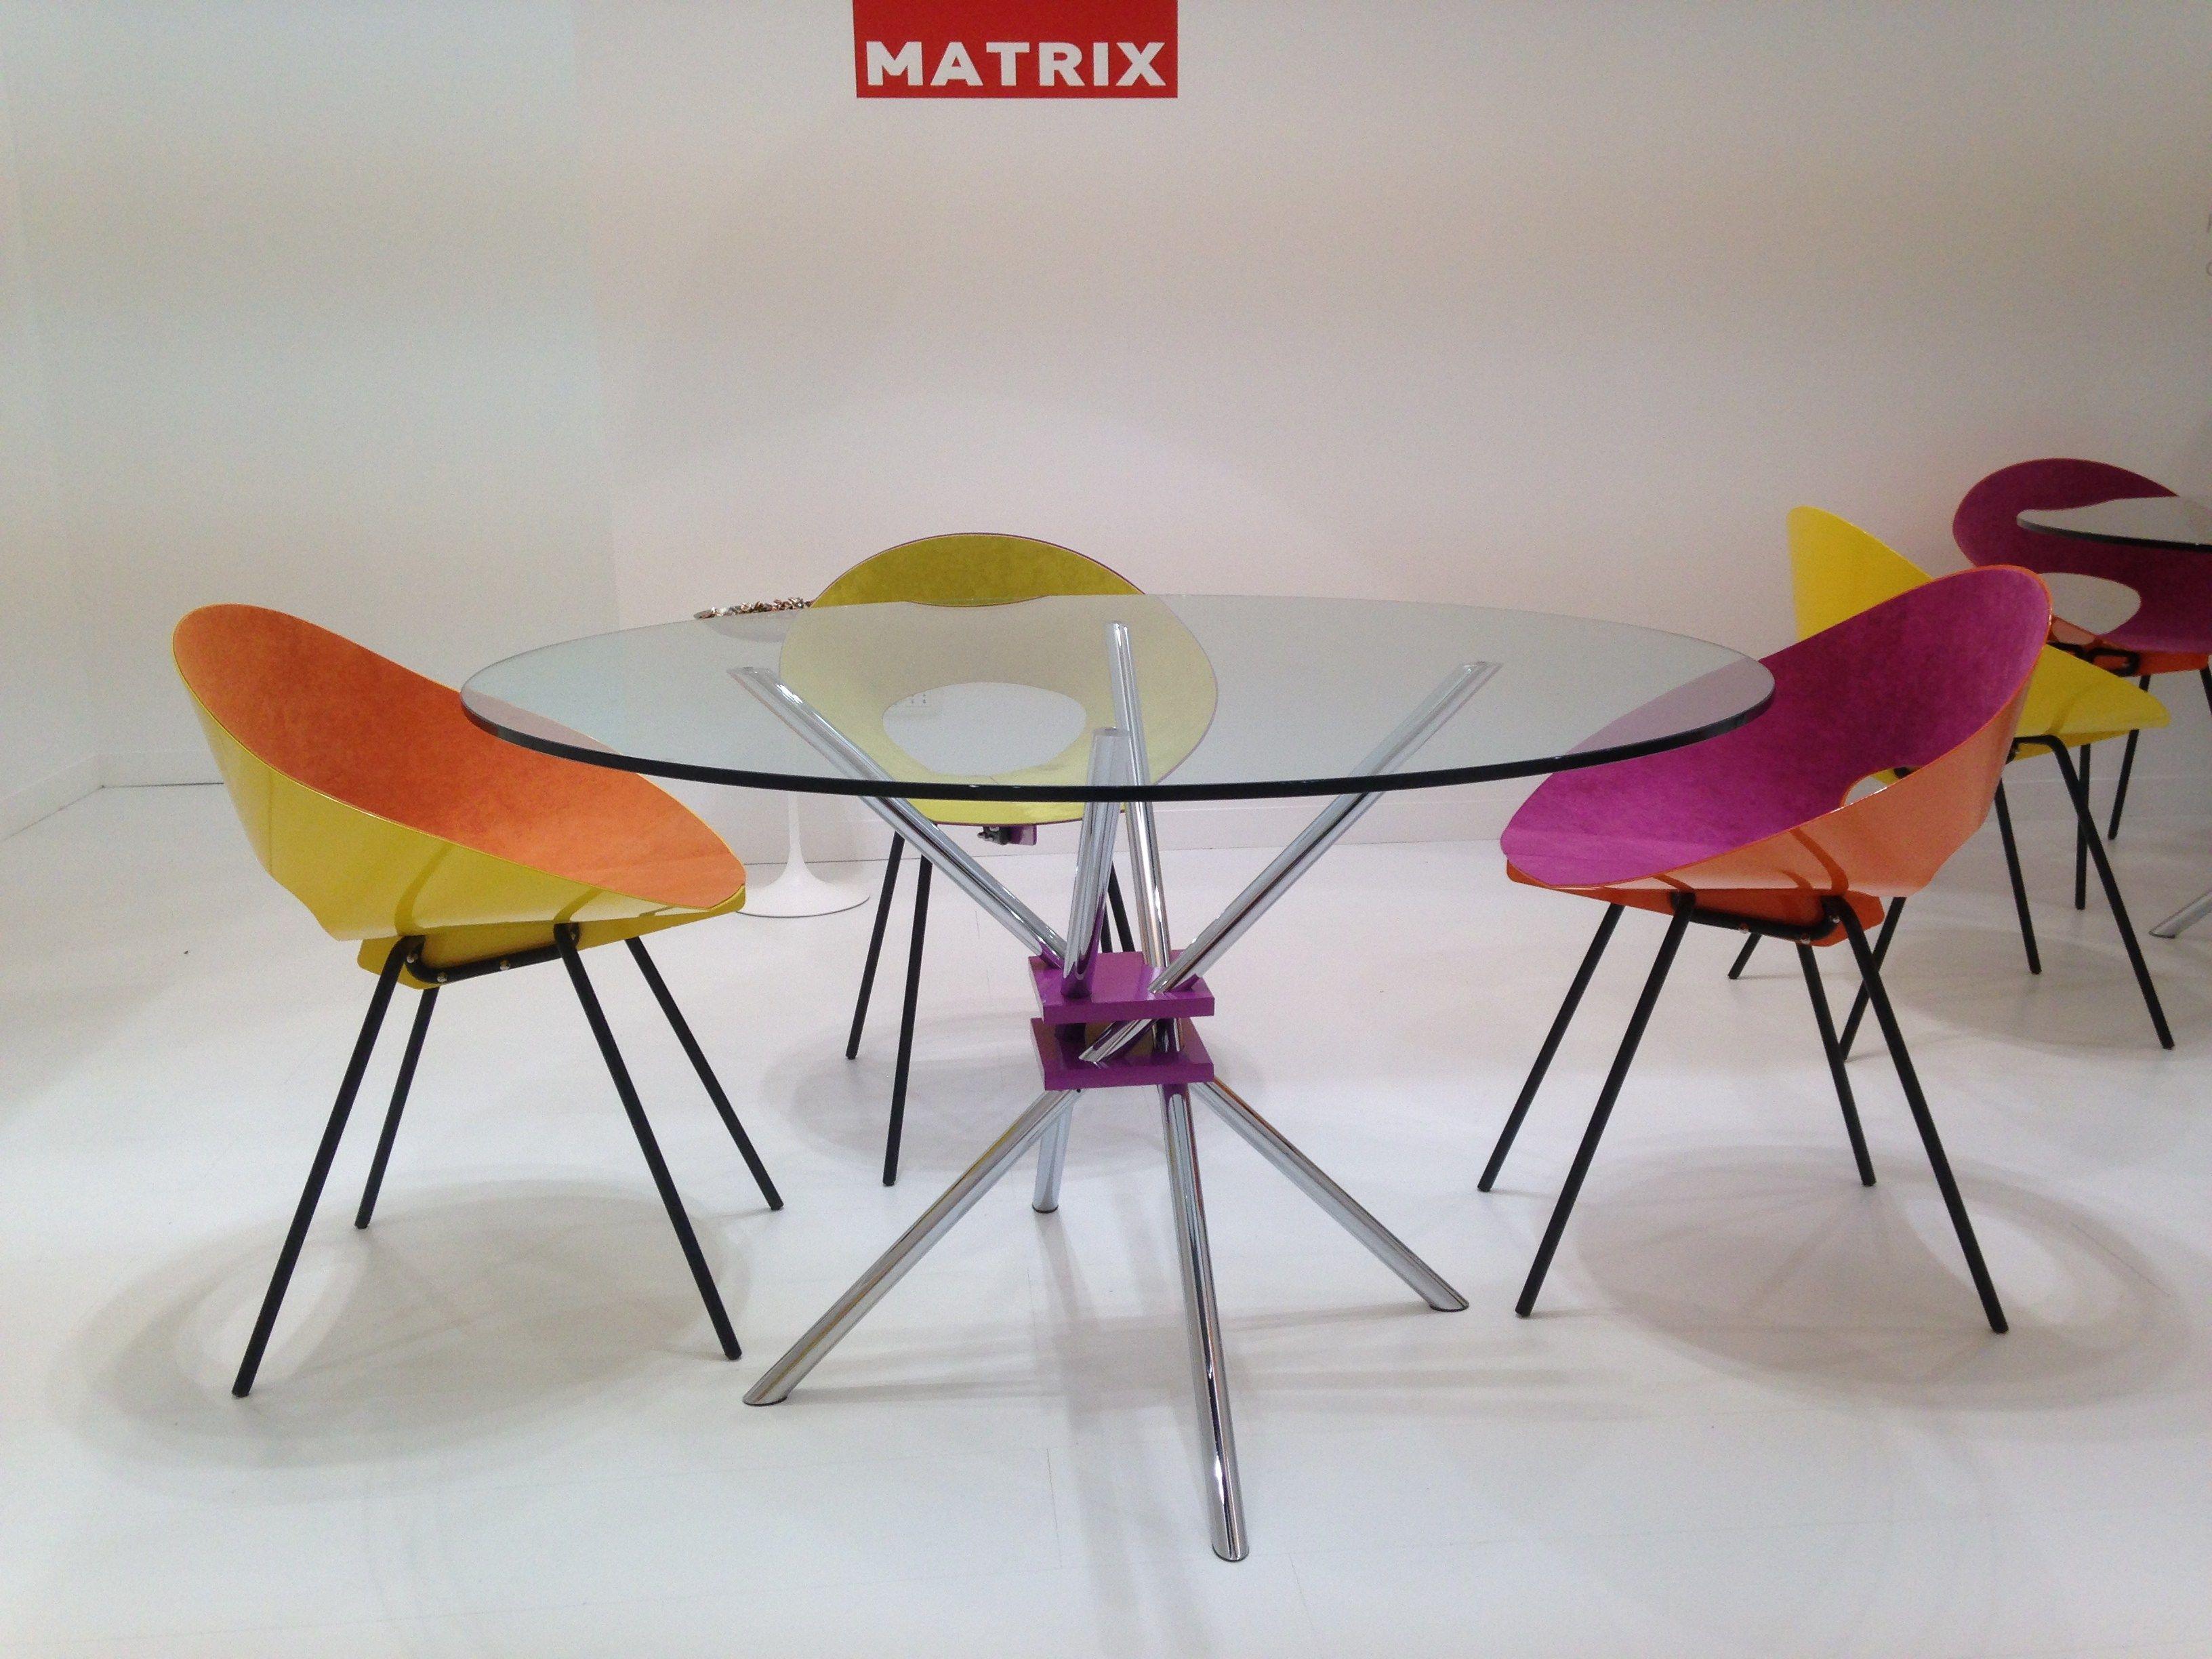 Mz59 tavolo by matrix international design takehiko mizutani for Tavolo rotondo nordico